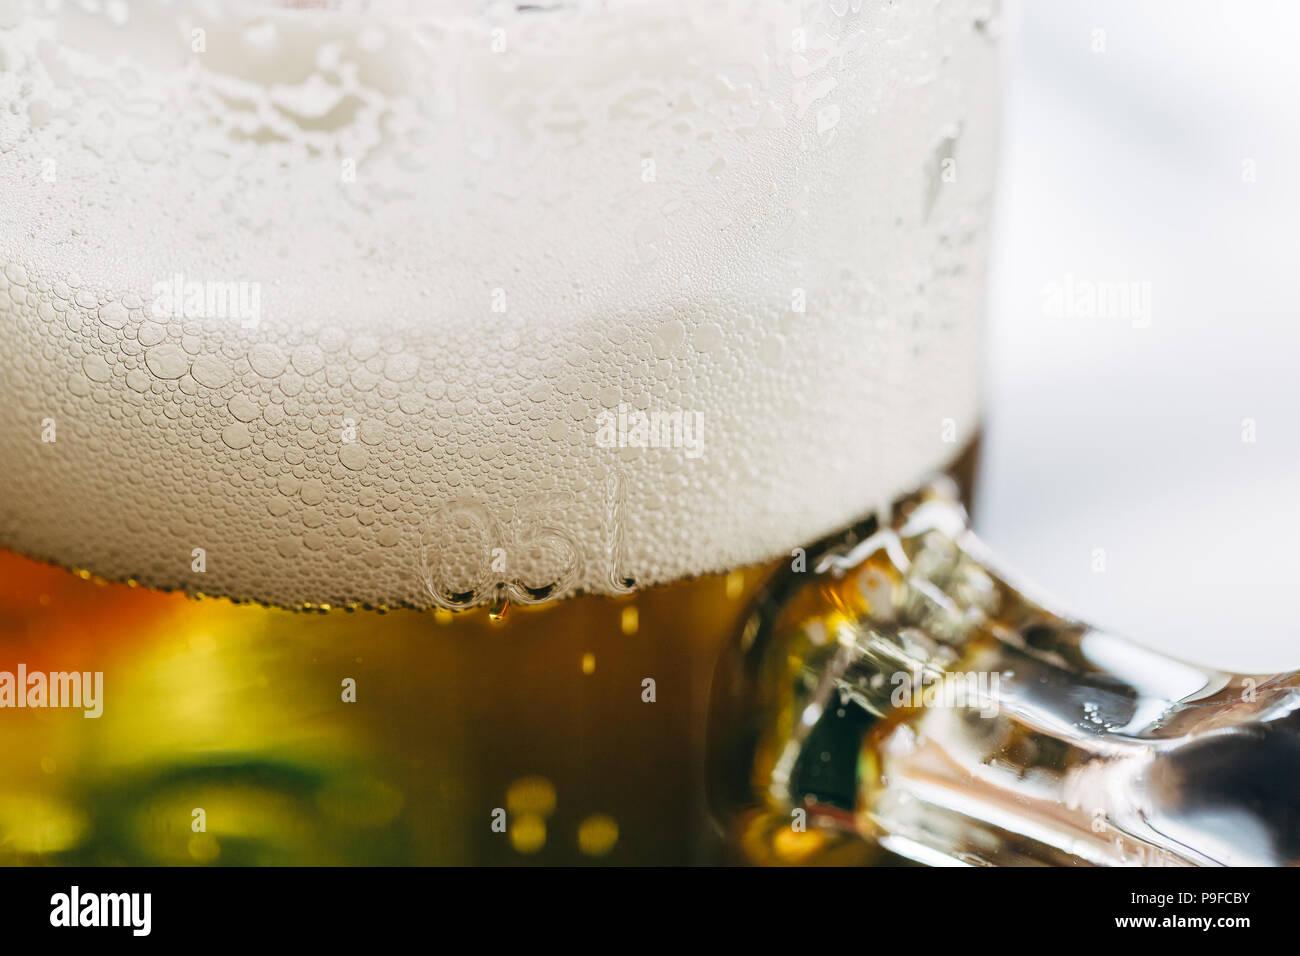 Cerca de un vaso de medio litro de cerveza con espuma espumosa en la parte superior. Foto de stock